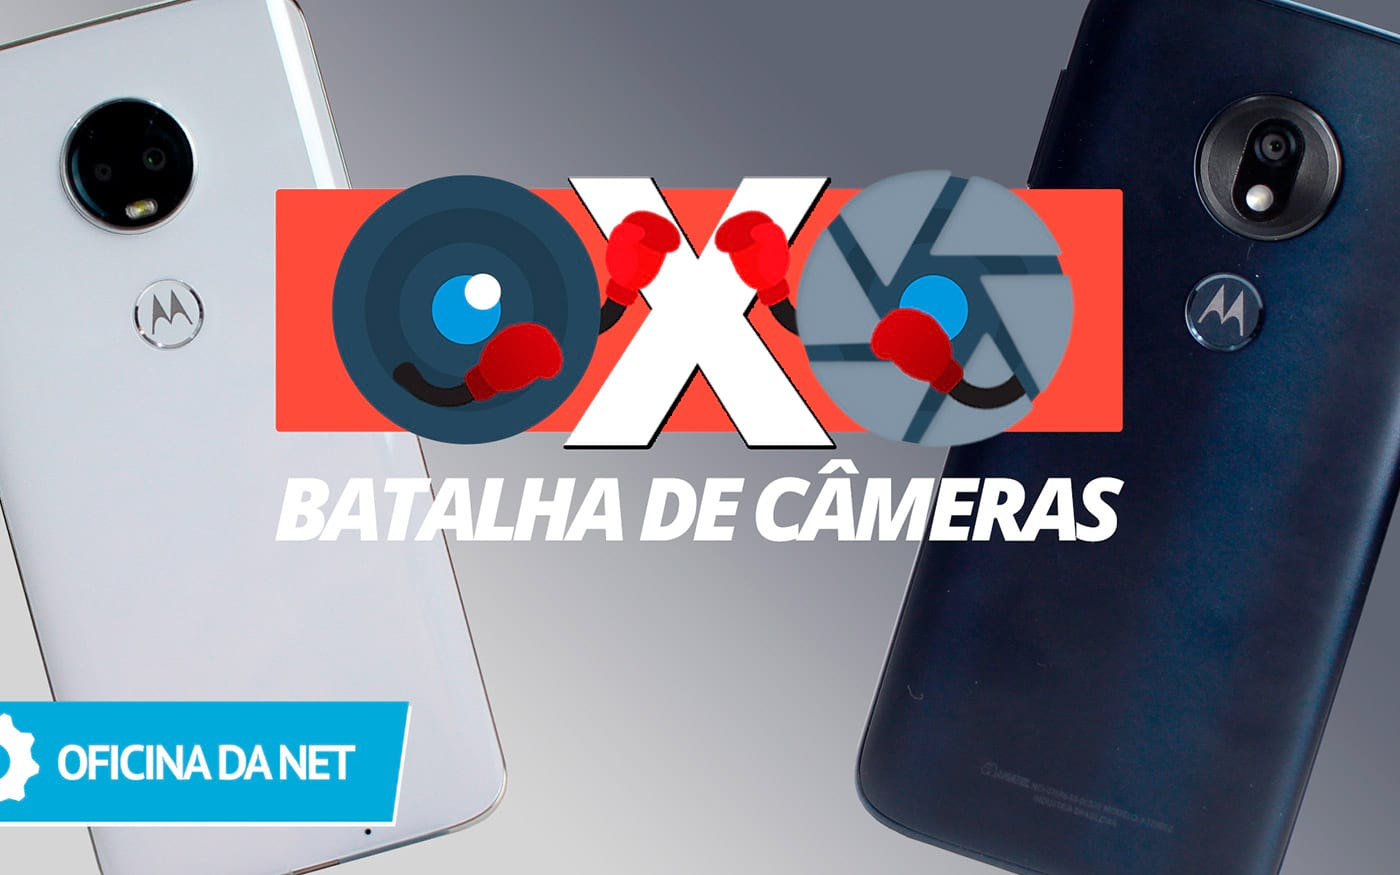 Qual tem a melhor câmera? Moto G7 vs Moto G7 Play - Batalha de Câmeras